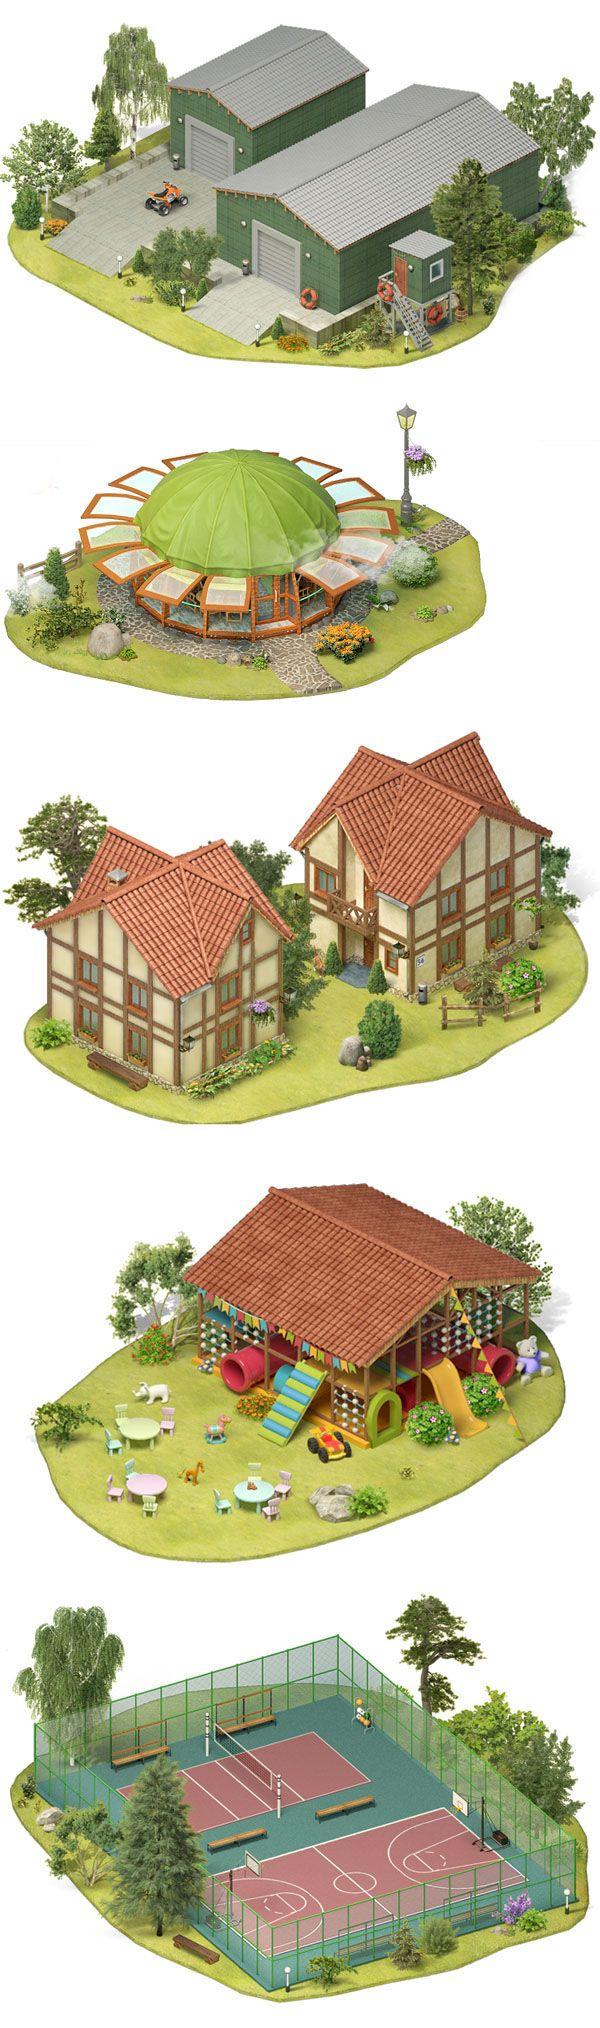 Map village by ILYA Denisenko, via Behance